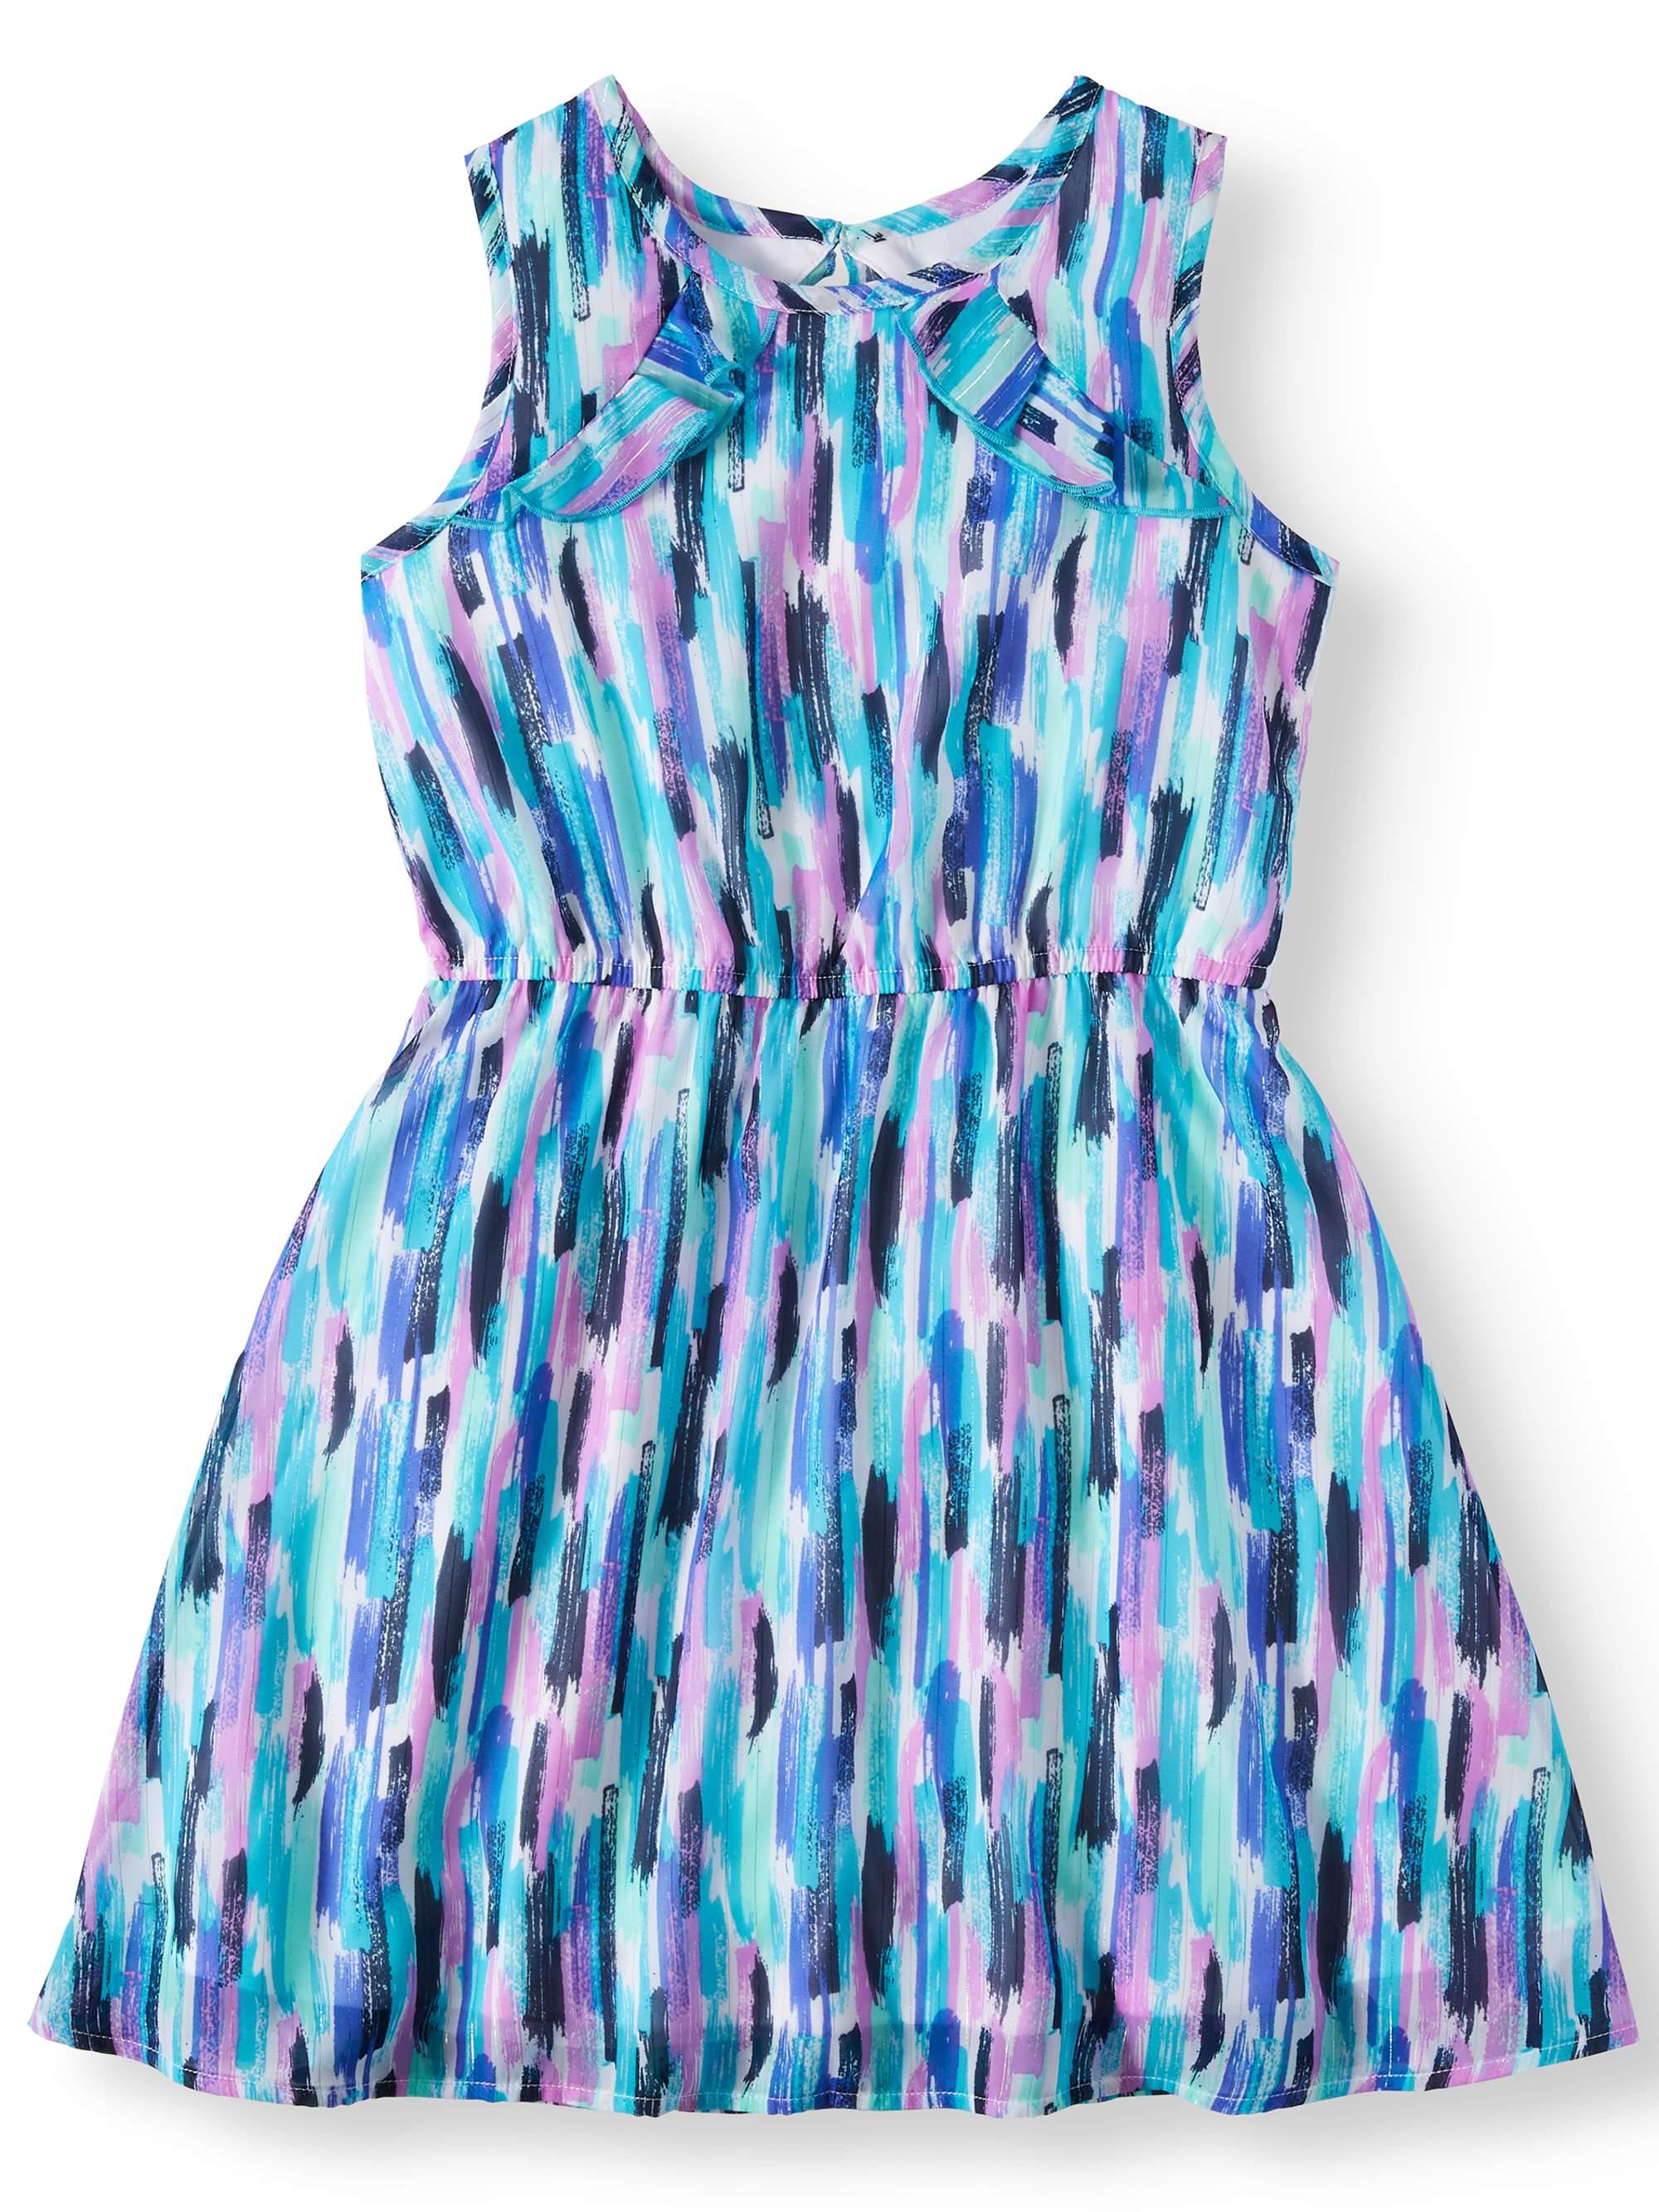 Girls' Lurex Chiffon Printed Dress